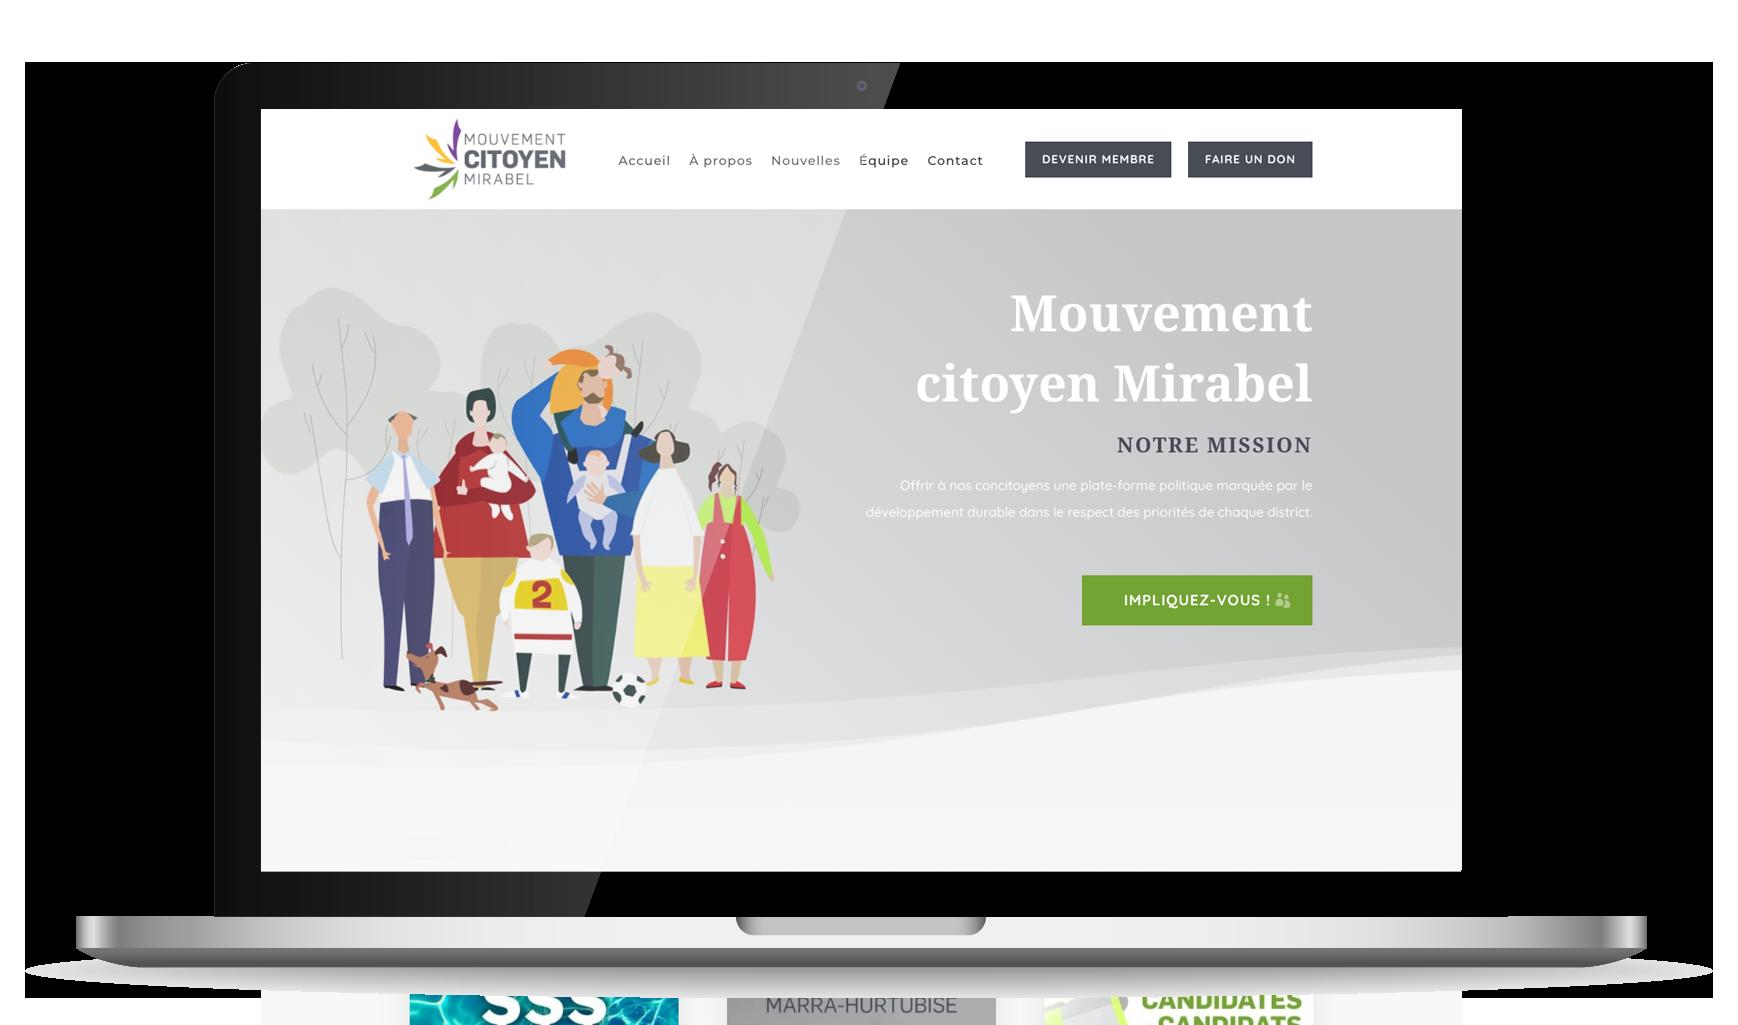 Site web réalisé par Mae Drolet